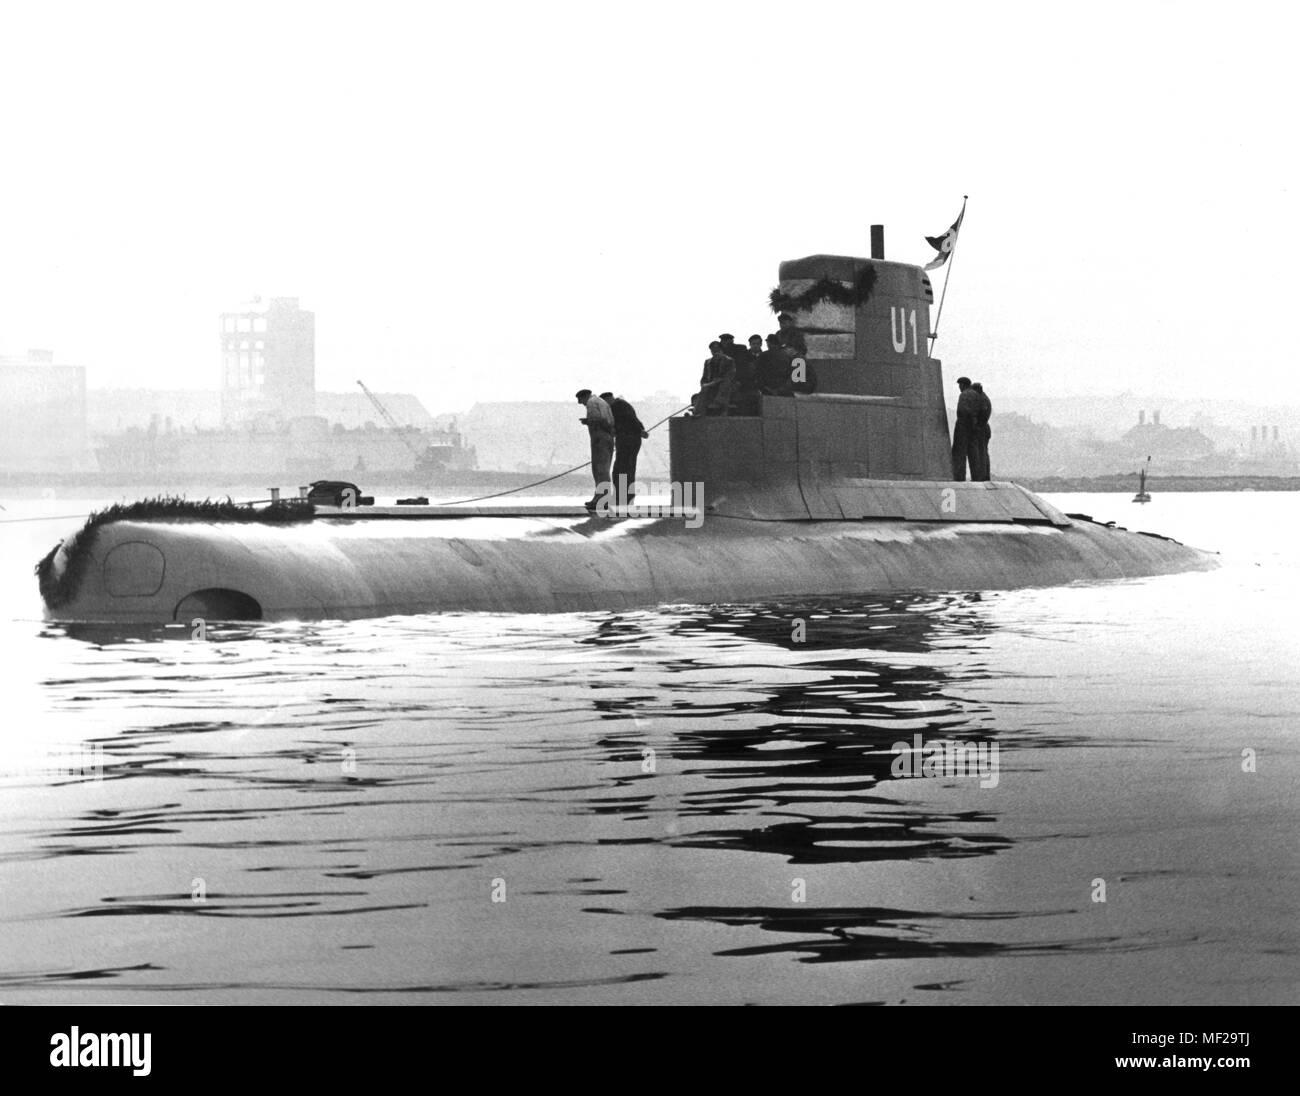 El submarino U 1 poco después de la inundación en la Kieler-Forde en 21.10.1961. El primero para la marina alemana submarino recién construido en 'U' el sábado 1 (21.10.1961) después de un año de construcción en la ciudad de Kiel Howaldtwerken flotaban. Con la 'U 1', la marina alemana ha asumido el primero de doce submarinos, que se puso en servicio en los dos primeros años en el primer y hasta ahora único escuadrón submarino en Kiel-Wik. El nuevo submarino tipo es considerada por los expertos como la más moderna nave submarina. La 'U 1', que fue construido hace más de 10 millones de marcos, es de 350 toneladas, tiene una longitud de 44 mí Imagen De Stock